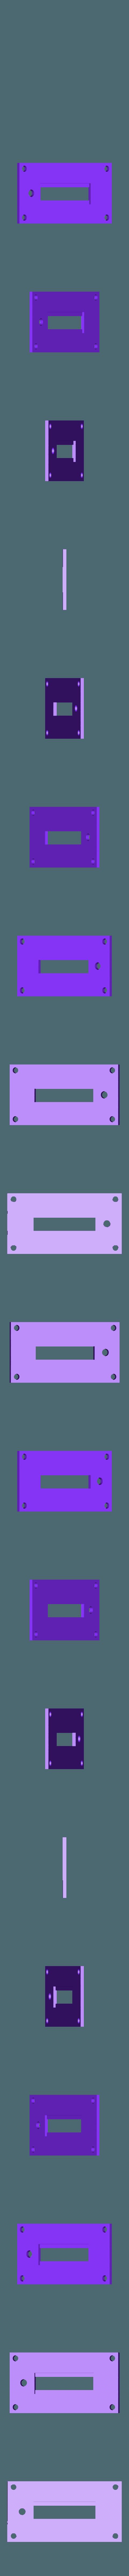 front_bargraph_plate-NO_LIP.stl Télécharger fichier STL gratuit Ghostbuster Ghostbuster Ghosttrap • Modèle pour impression 3D, SLIDES